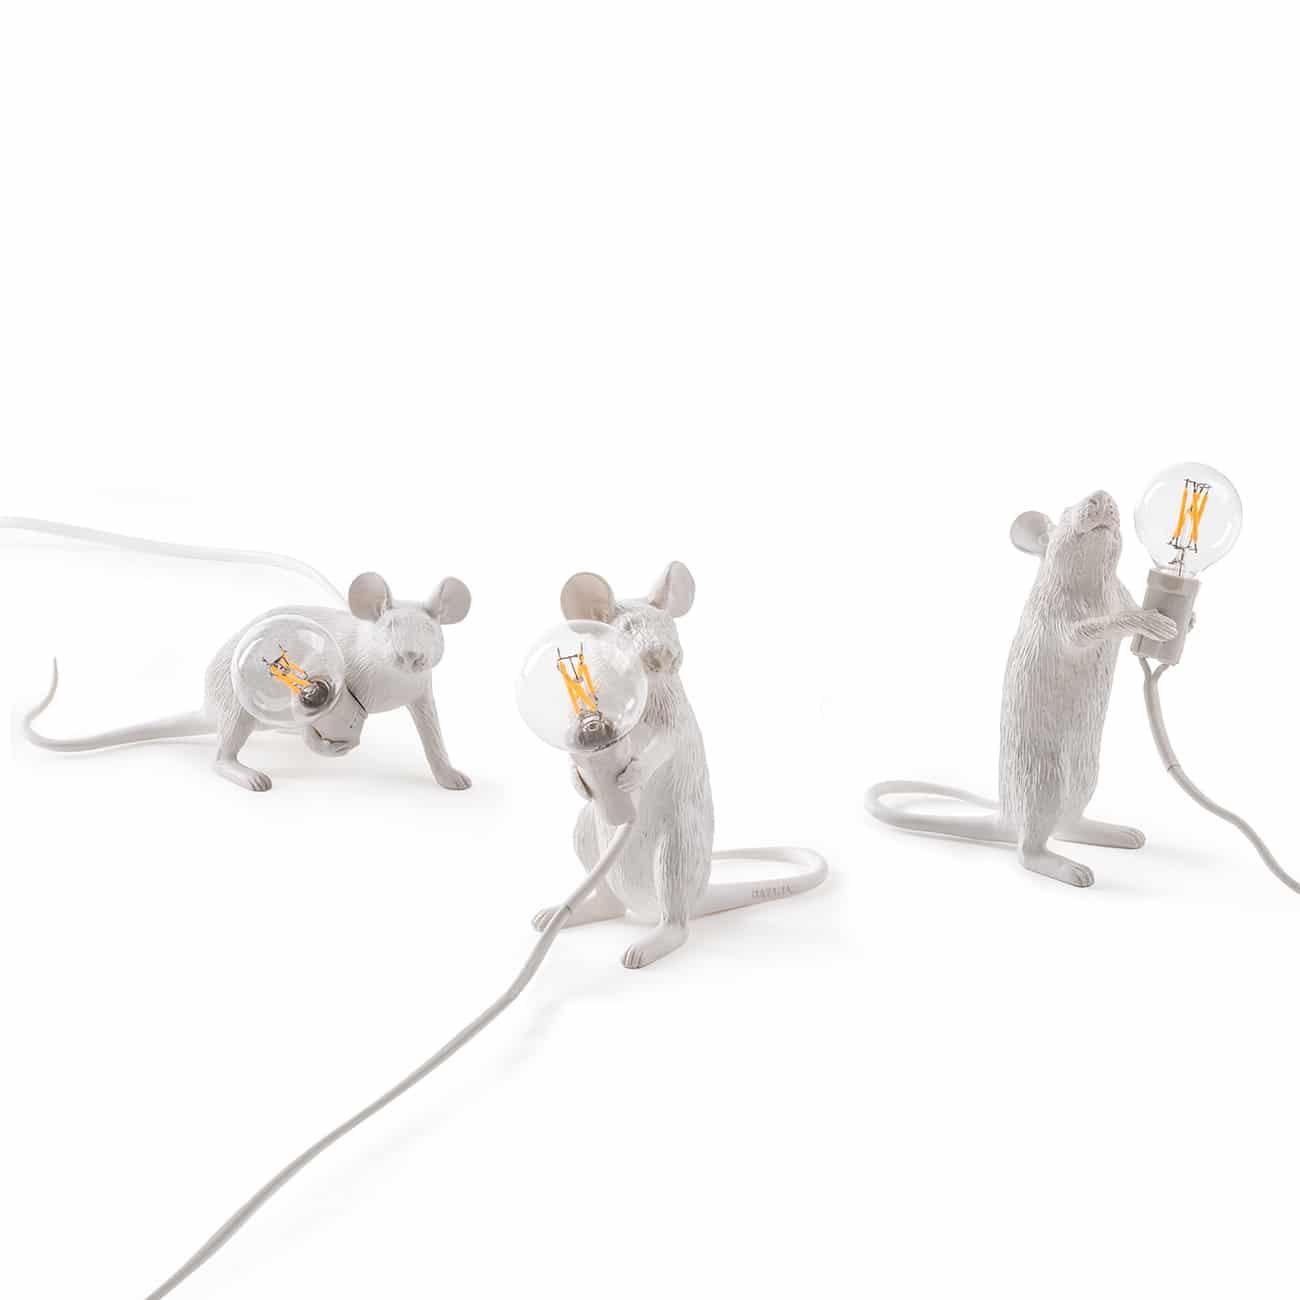 Kolme pientä valkoista hiirtä. Näiden aidon näköisten hiirien nimet ovat Step, Lop ja Mac ja he juoksentelevat ympäri taloa etsien omituisia esineitä. Pimeässä he valaisevat kulkuaan pienillä lampuillaan. Nämä Seletti Mouse -valaisimet tulevat varmasti saamaan huomiota kotonasi!